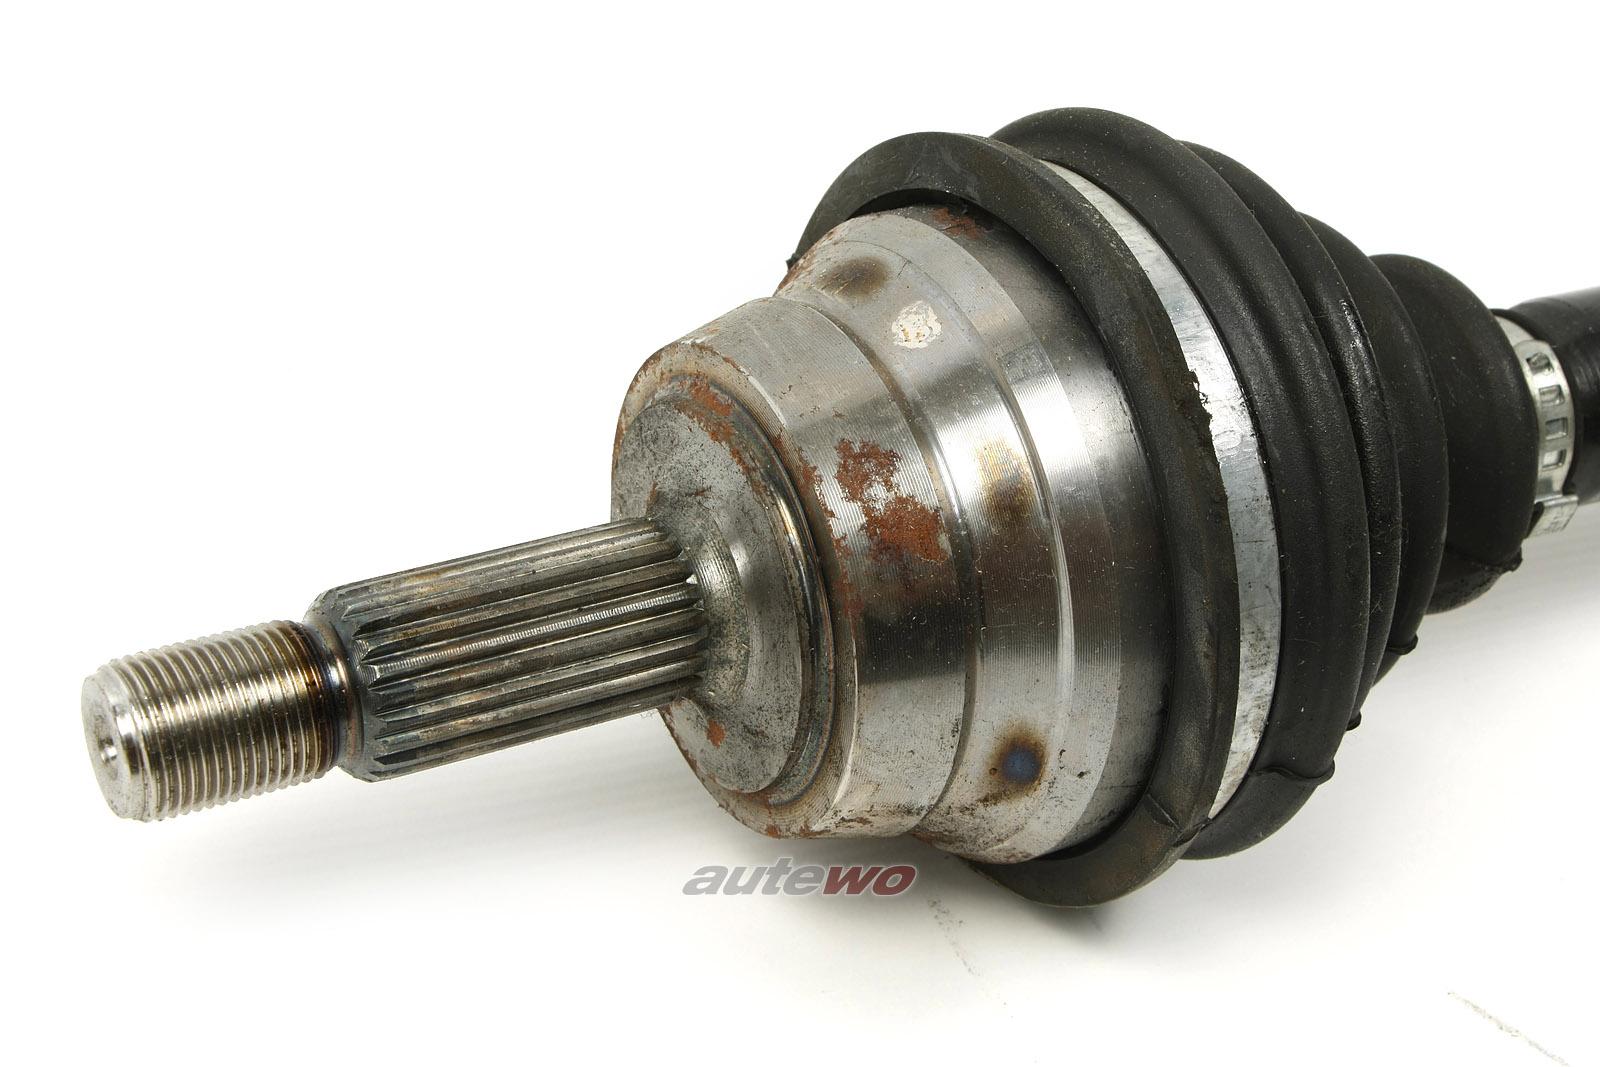 893407271KX NEU Audi 80 Typ 89 Gelenkwelle/Antriebswelle Vorne Links